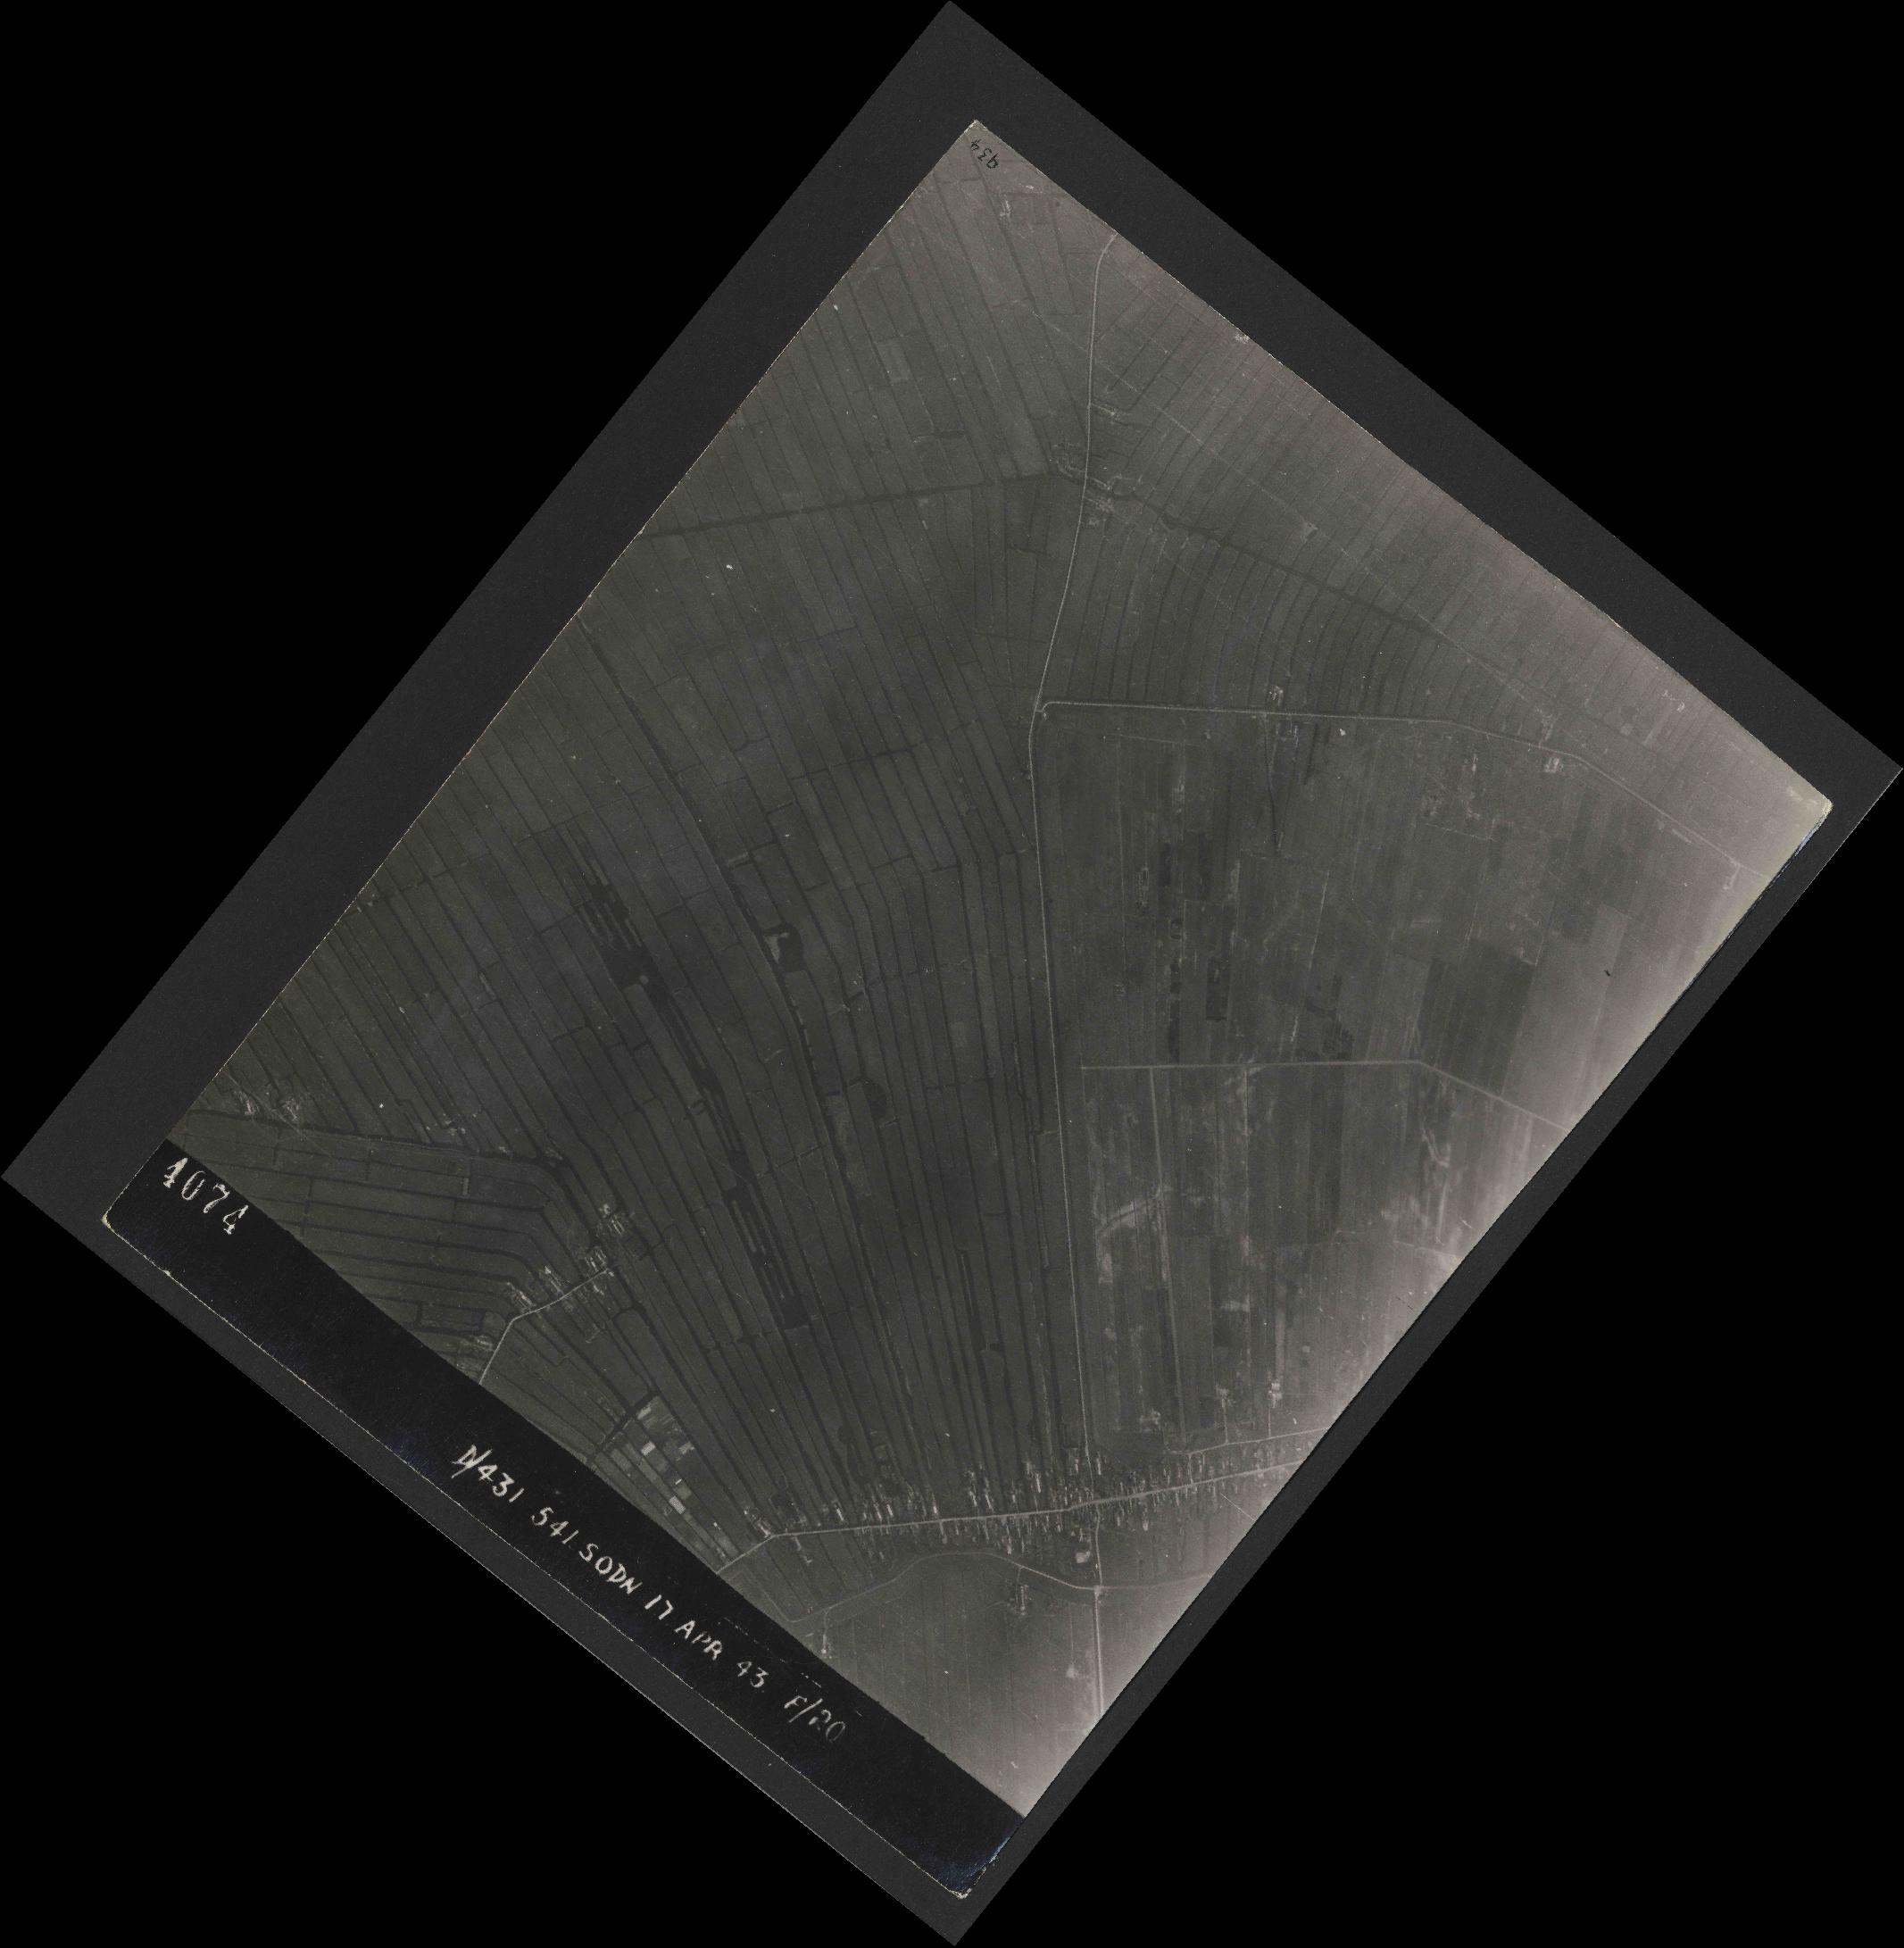 Collection RAF aerial photos 1940-1945 - flight 329, run 01, photo 4074